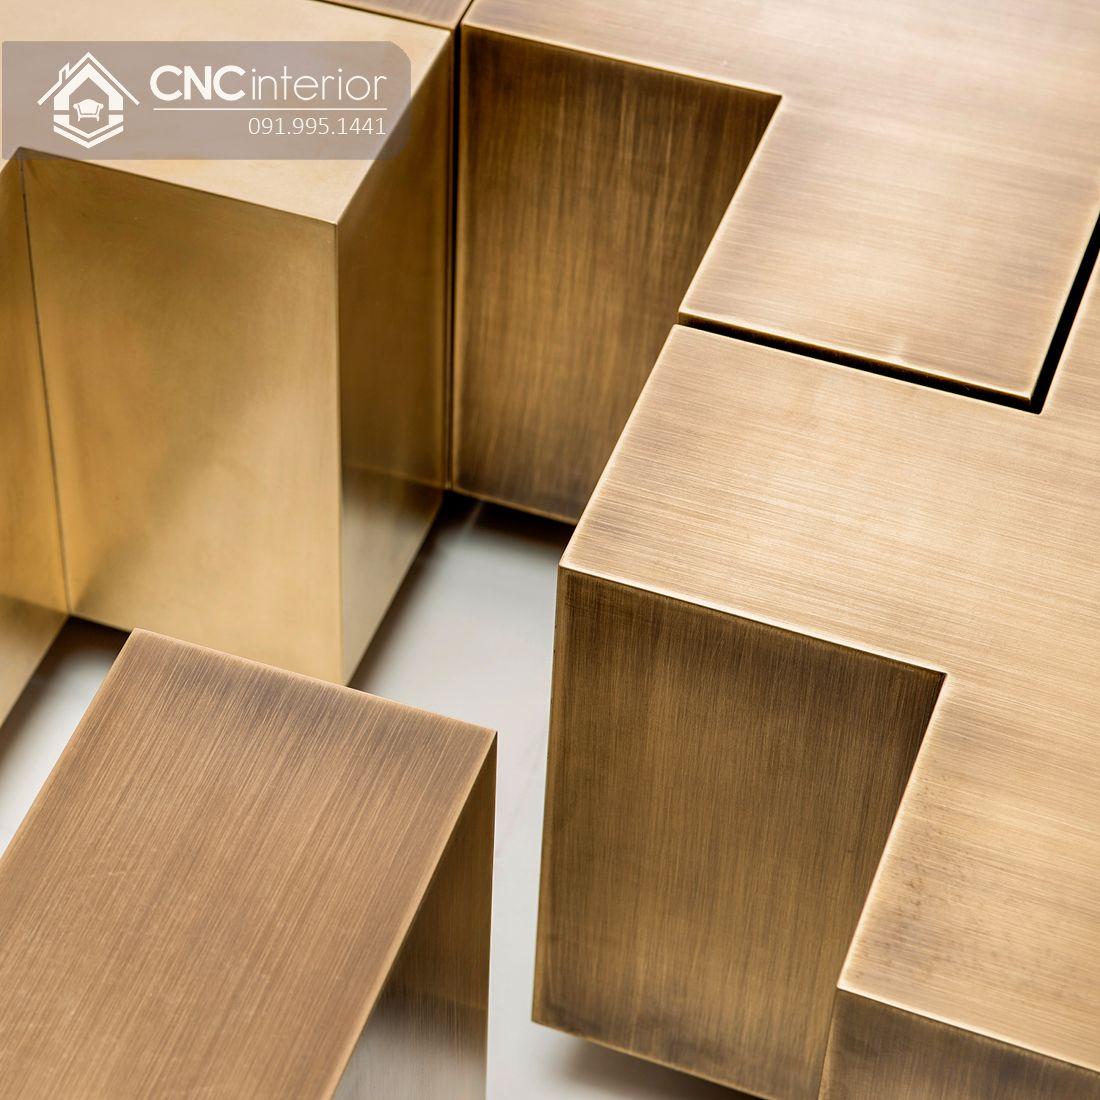 Bàn trà hình chữ nhật bằng gỗ công nghiệp CNC 05 2